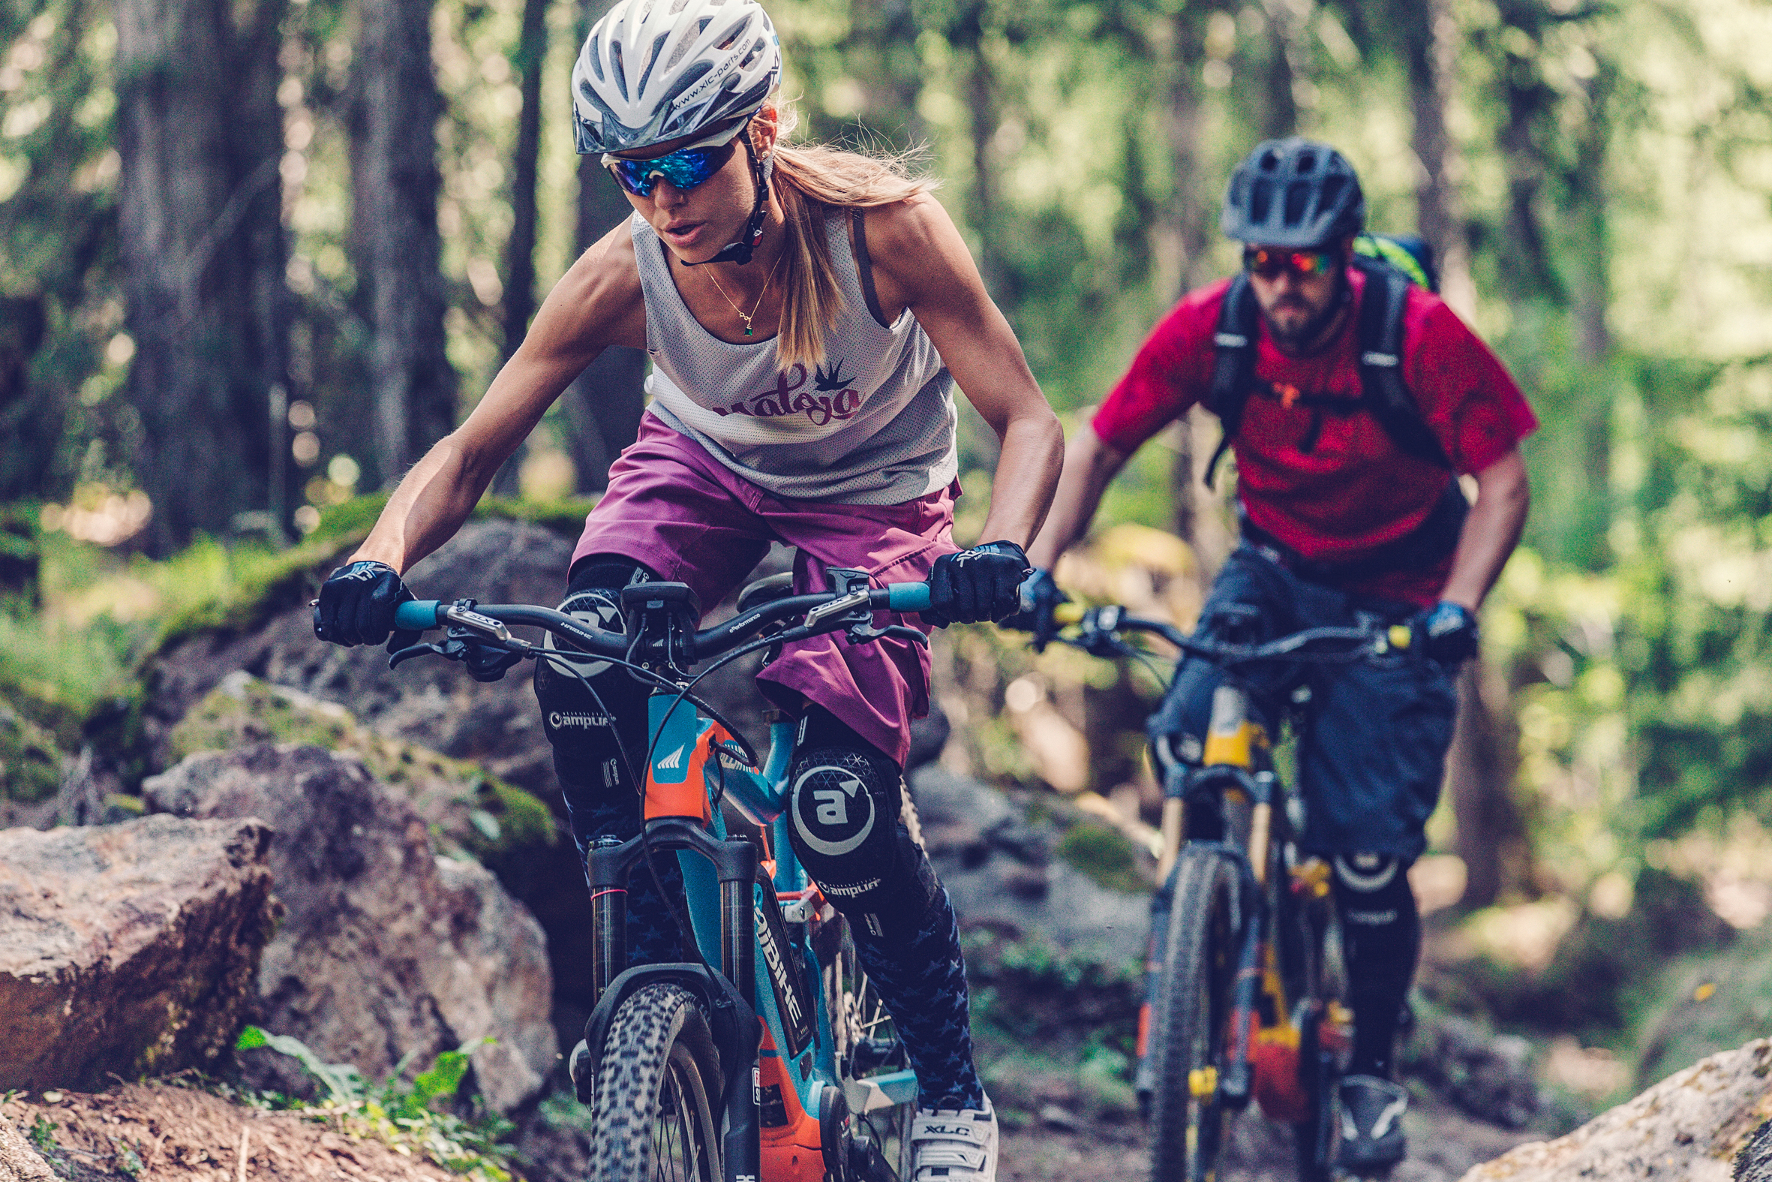 mid Groß-Gerau - Für rasante Ausflüge in schwieriges Gelände müssen Federgabel und Dämpfung am Mountainbike perfekt eingestellt sein.